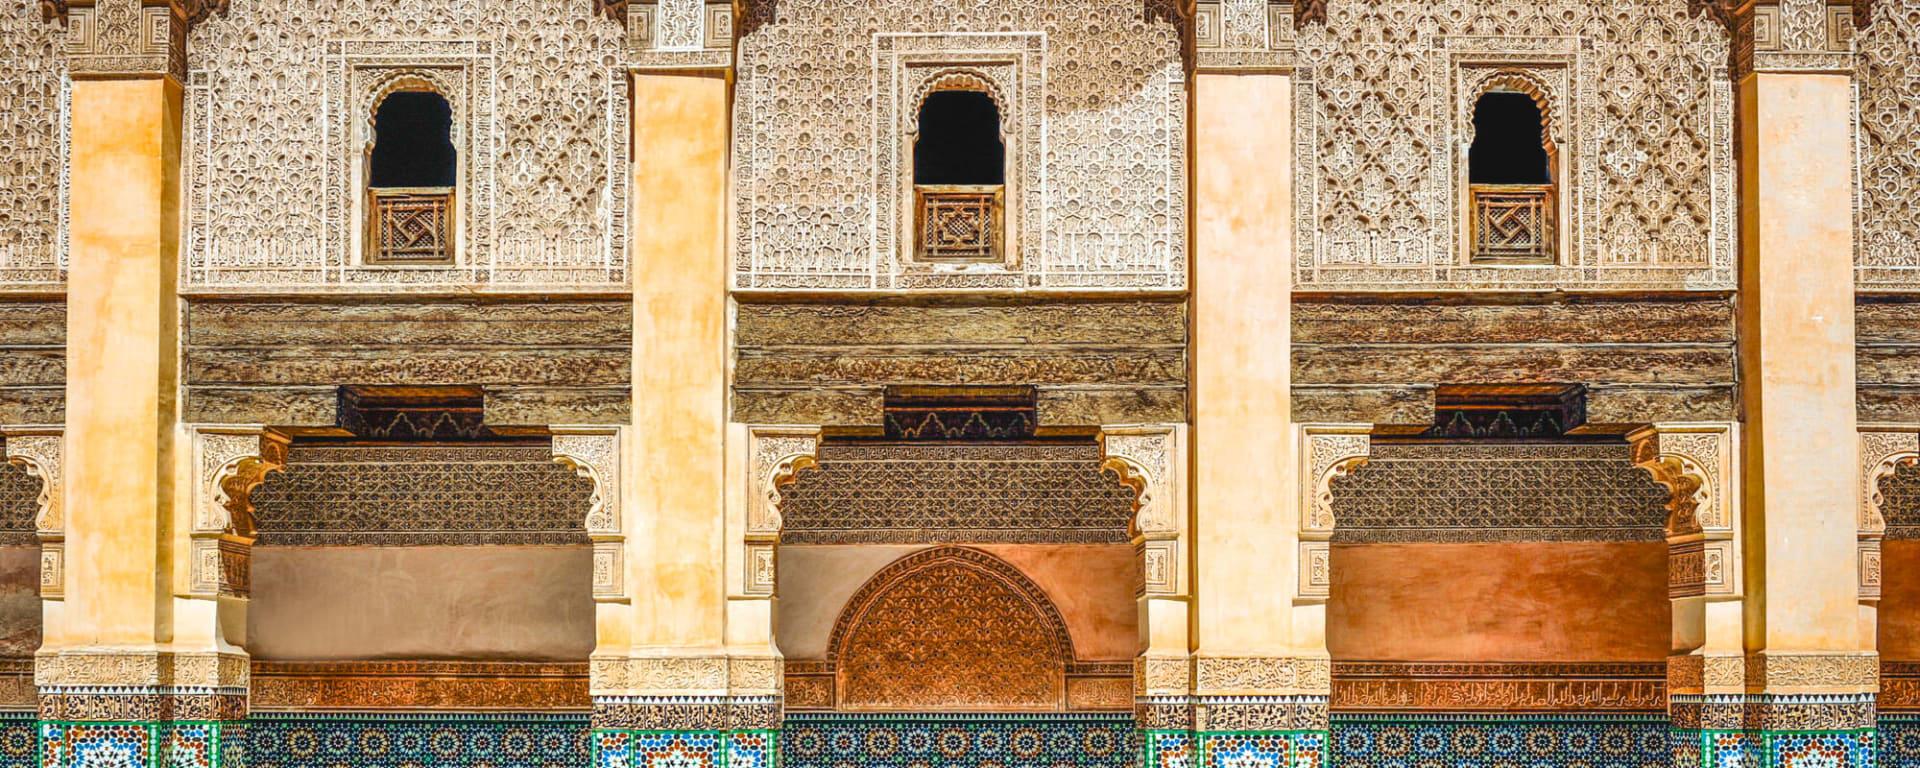 Marokko für Genießer: Die Glanzlichter des Königreichs ab Casablanca: Marokko  Typische Bauweise